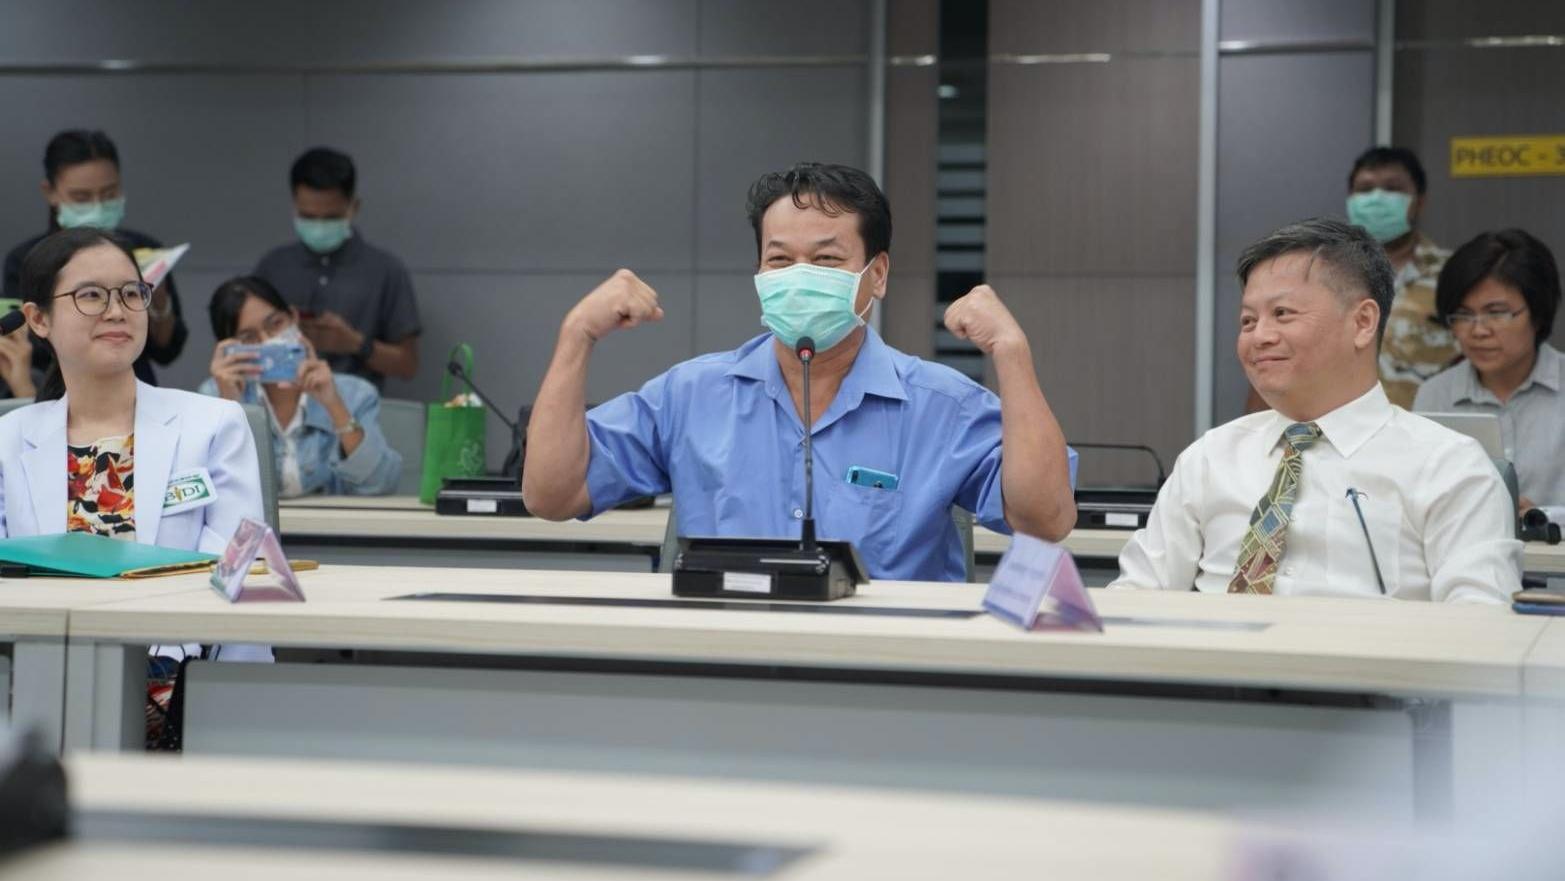 ข่าวสดวันนี้ ข่าวไวรัสโคโรนา ไวรัสโคโรนา